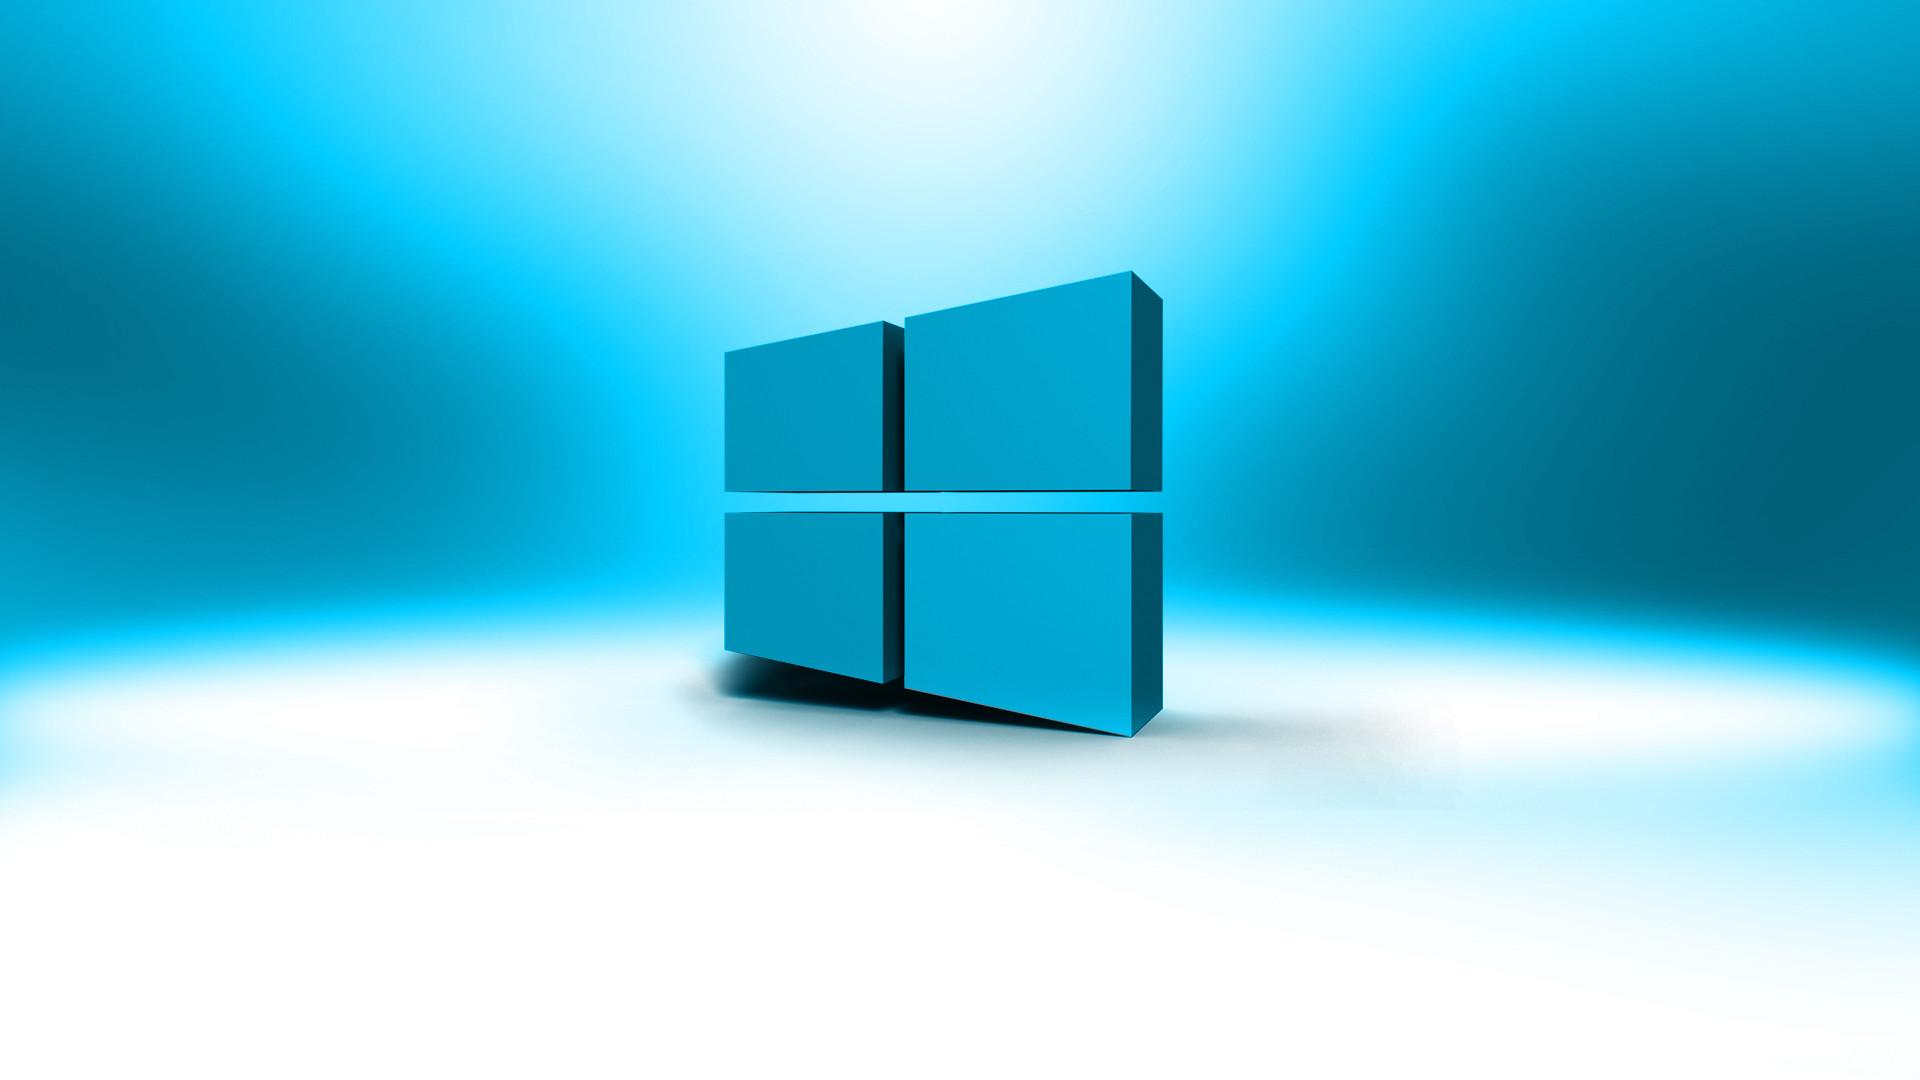 Windows 8 3D Wallpaper 1